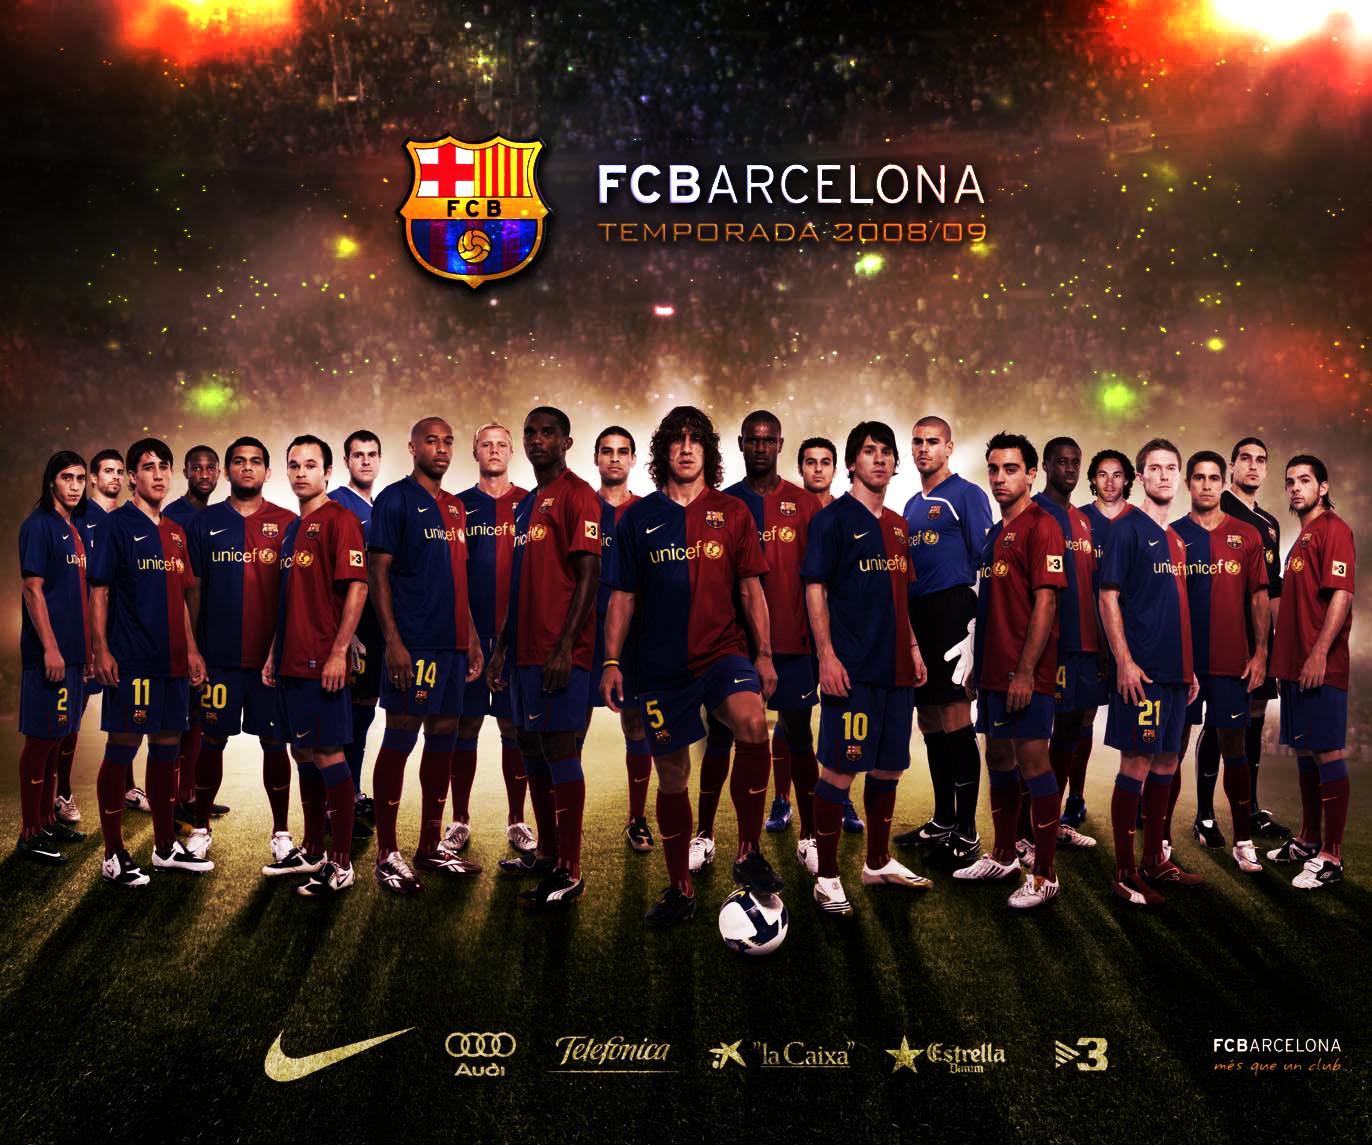 http://2.bp.blogspot.com/-AeyGFwINHMM/TqV8ZtENpSI/AAAAAAAAAHI/BjLJ4j1zWDk/s1600/FC-Barcelona-Team-wallpaper.png